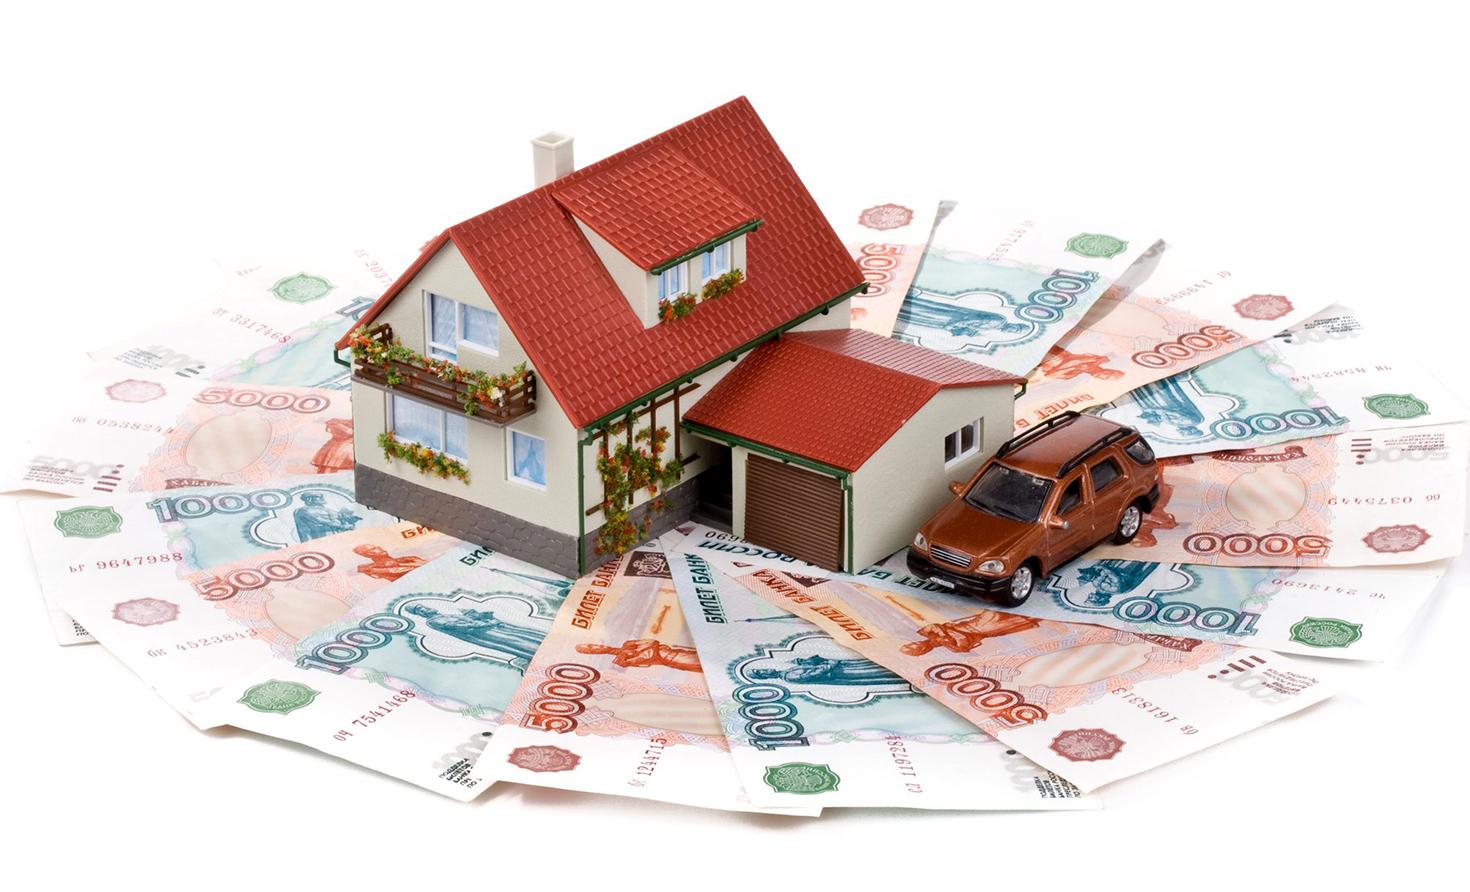 Кредит под залог автомобиля без подтверждения доходов в сбербанке автосалон атц москва на каширке